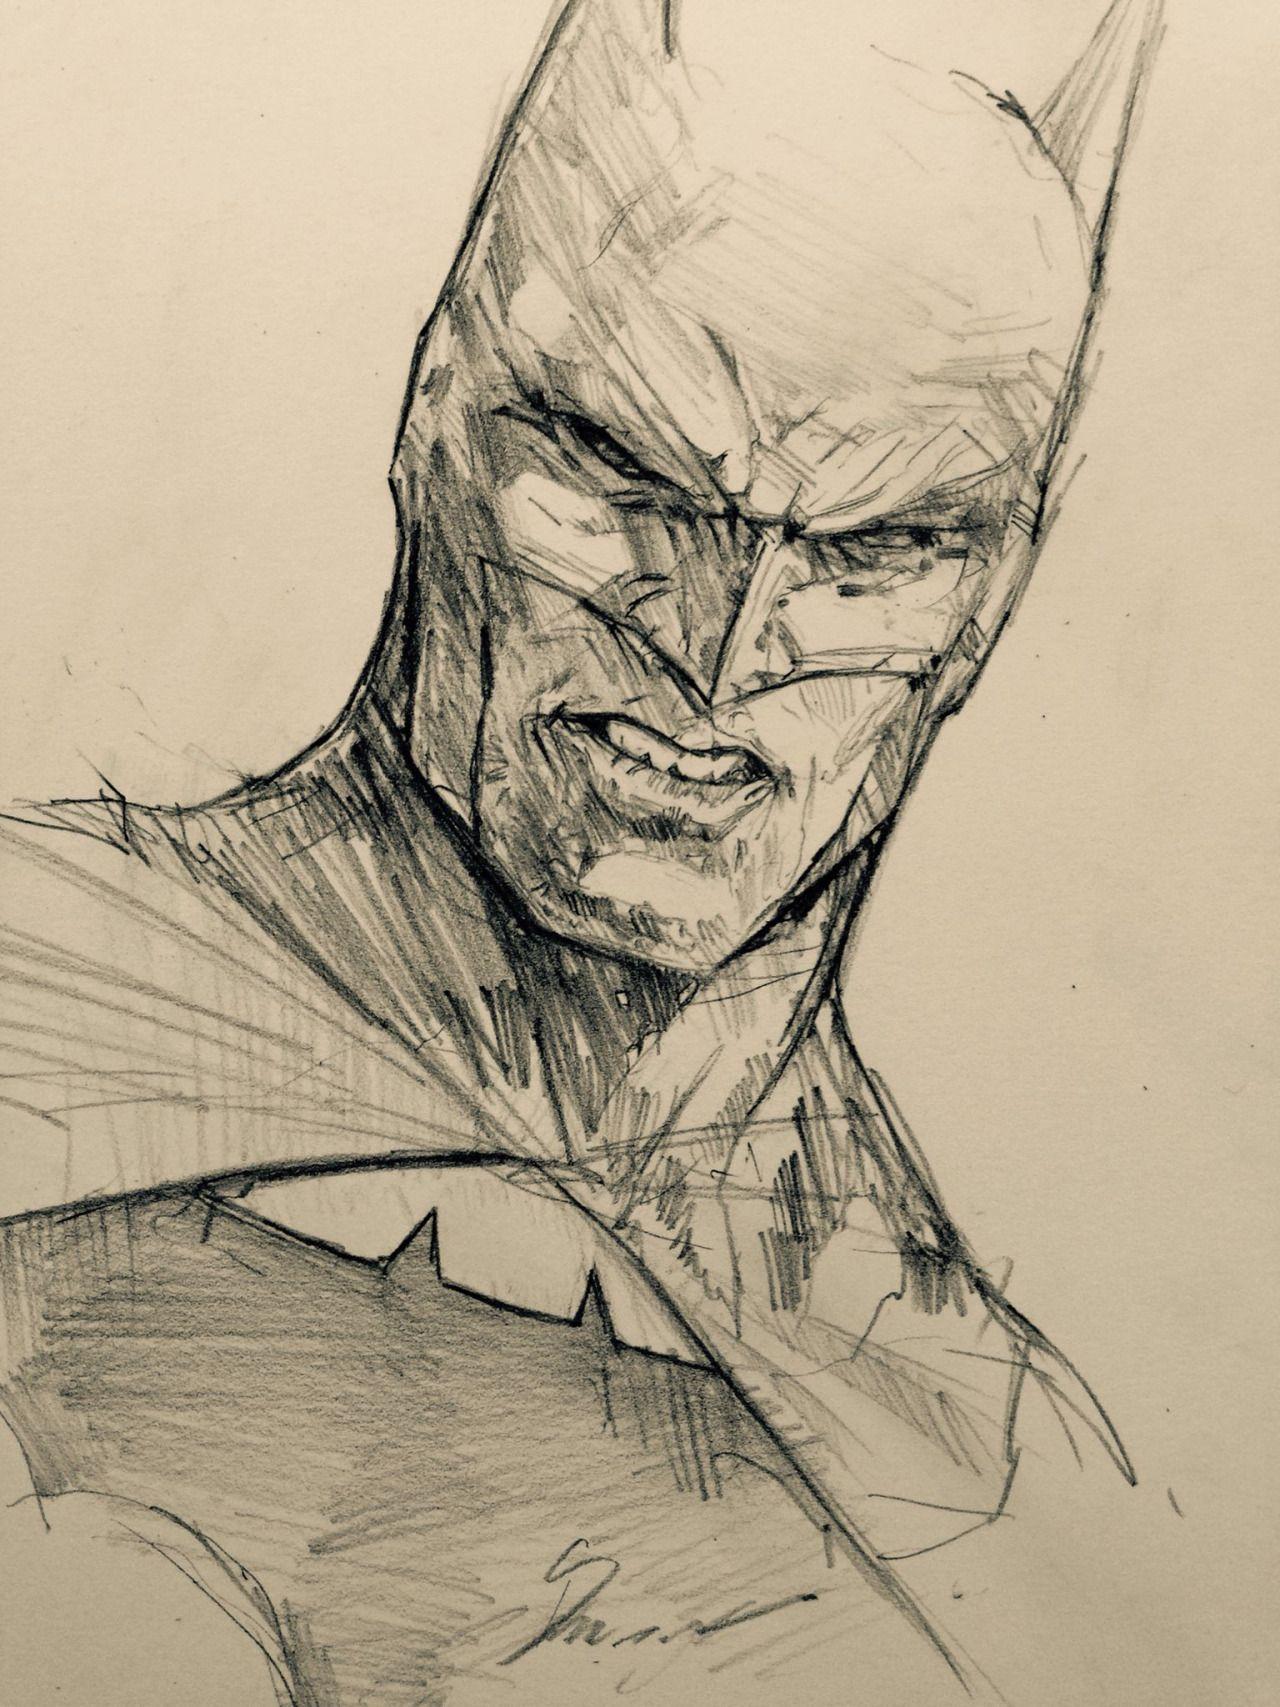 Daveseguin Batman Sketch | The Dark Knight | Pinterest | Batman And Sketches